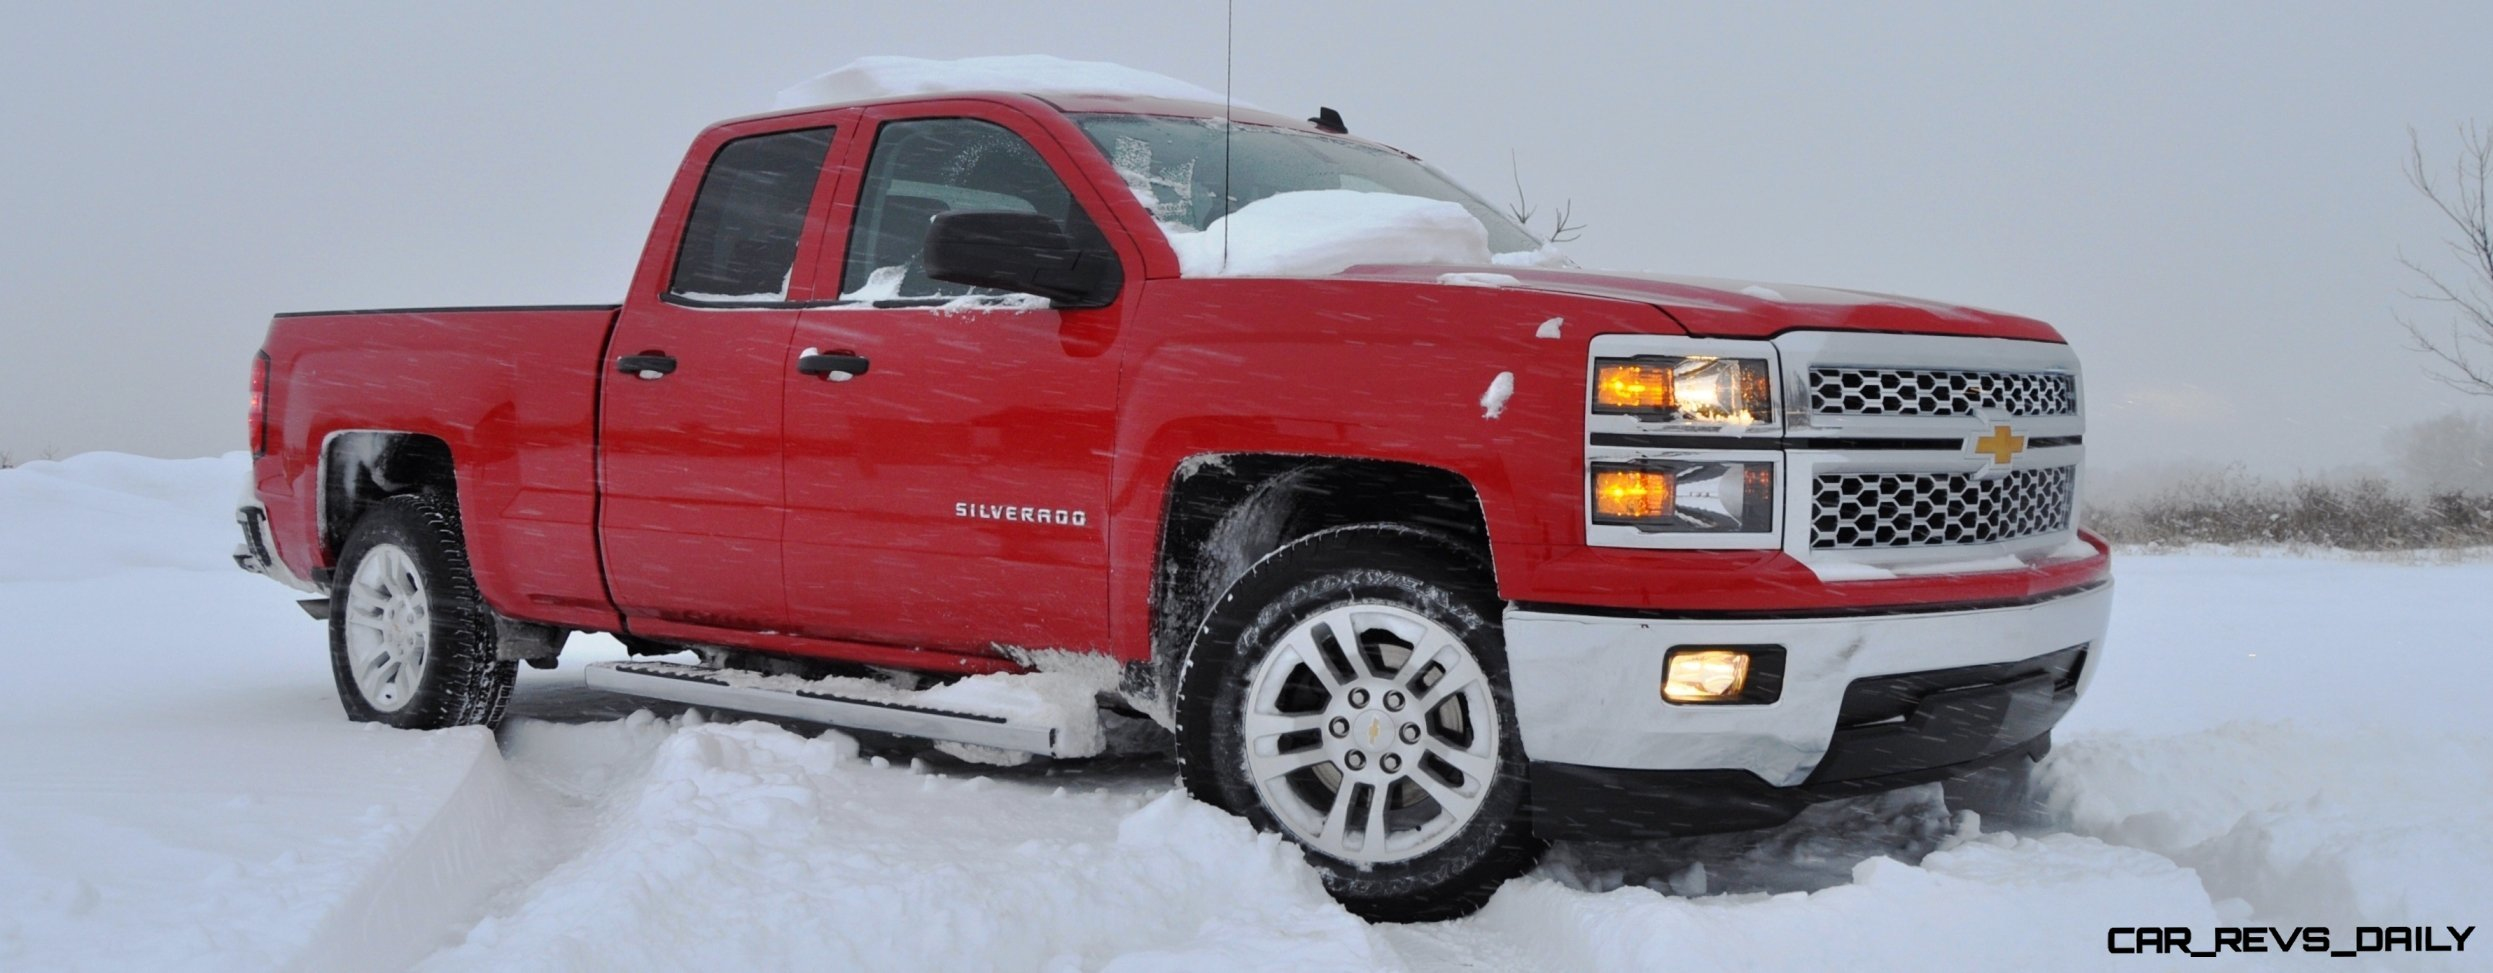 CarRevsDaily Snowy Test s 2014 Chevrolet Silverado All Star